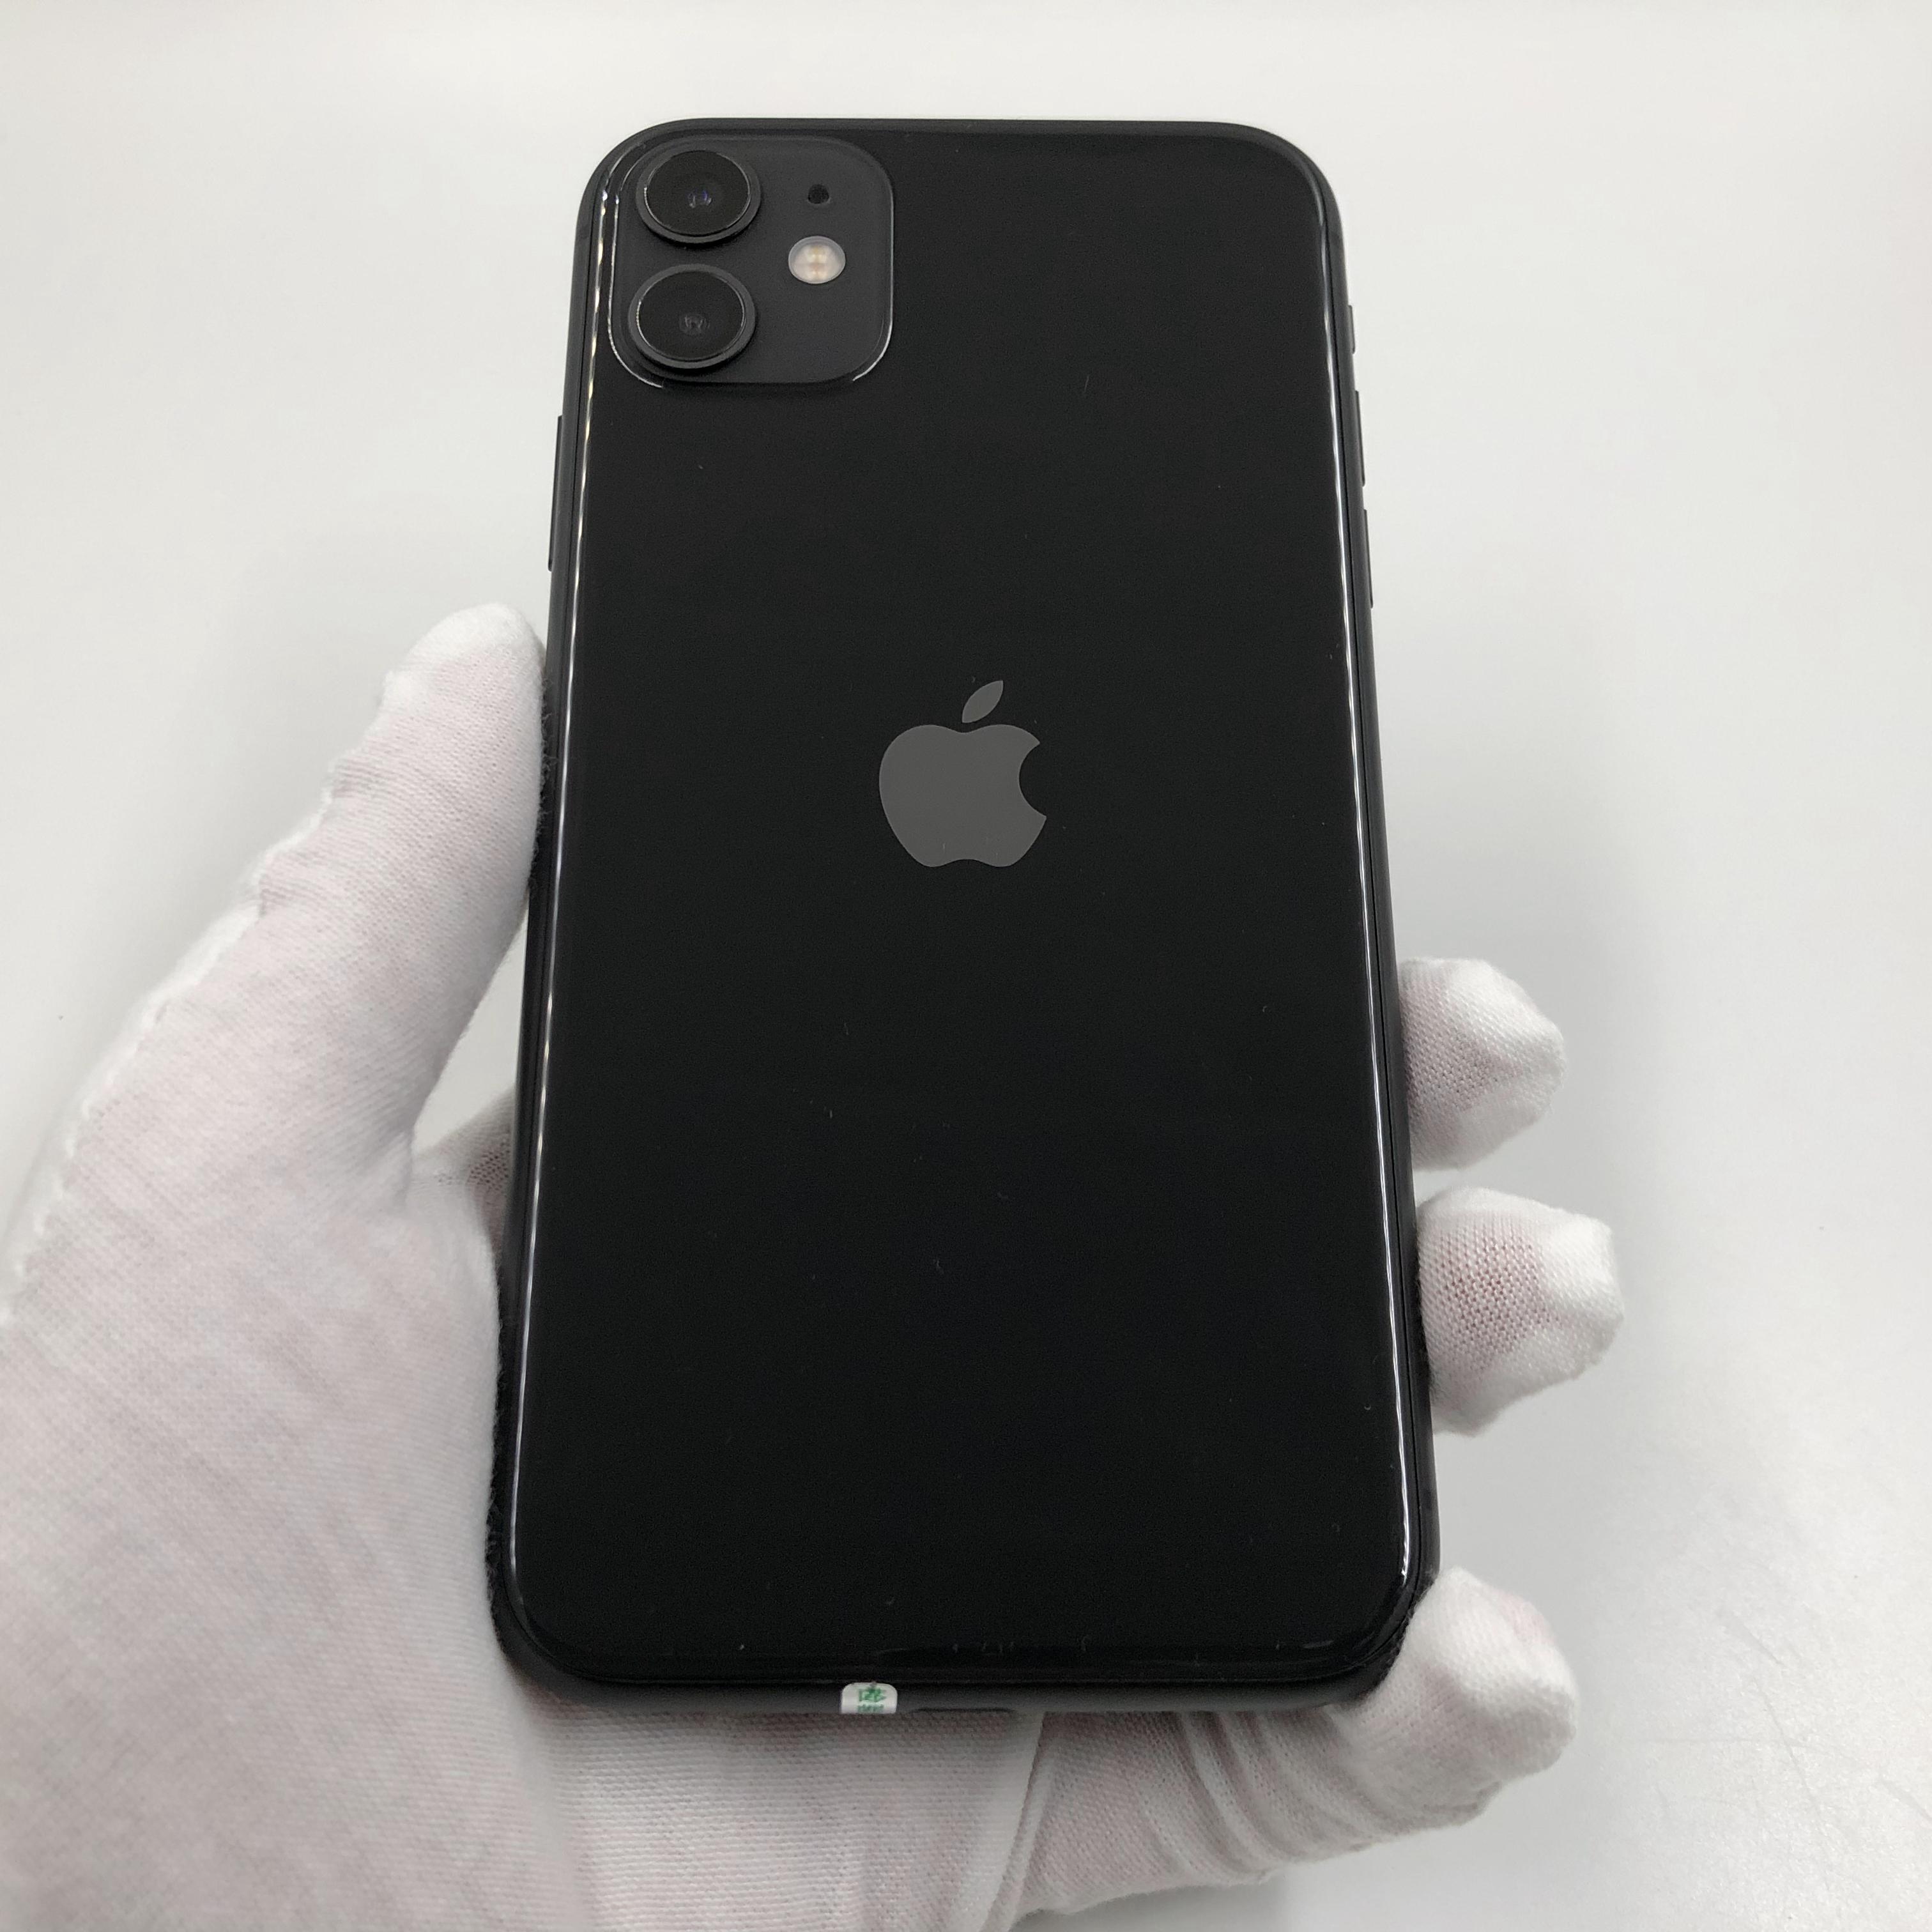 苹果【iPhone 11】4G全网通 黑色 128G 国行 95新 真机实拍保修2022-02-04